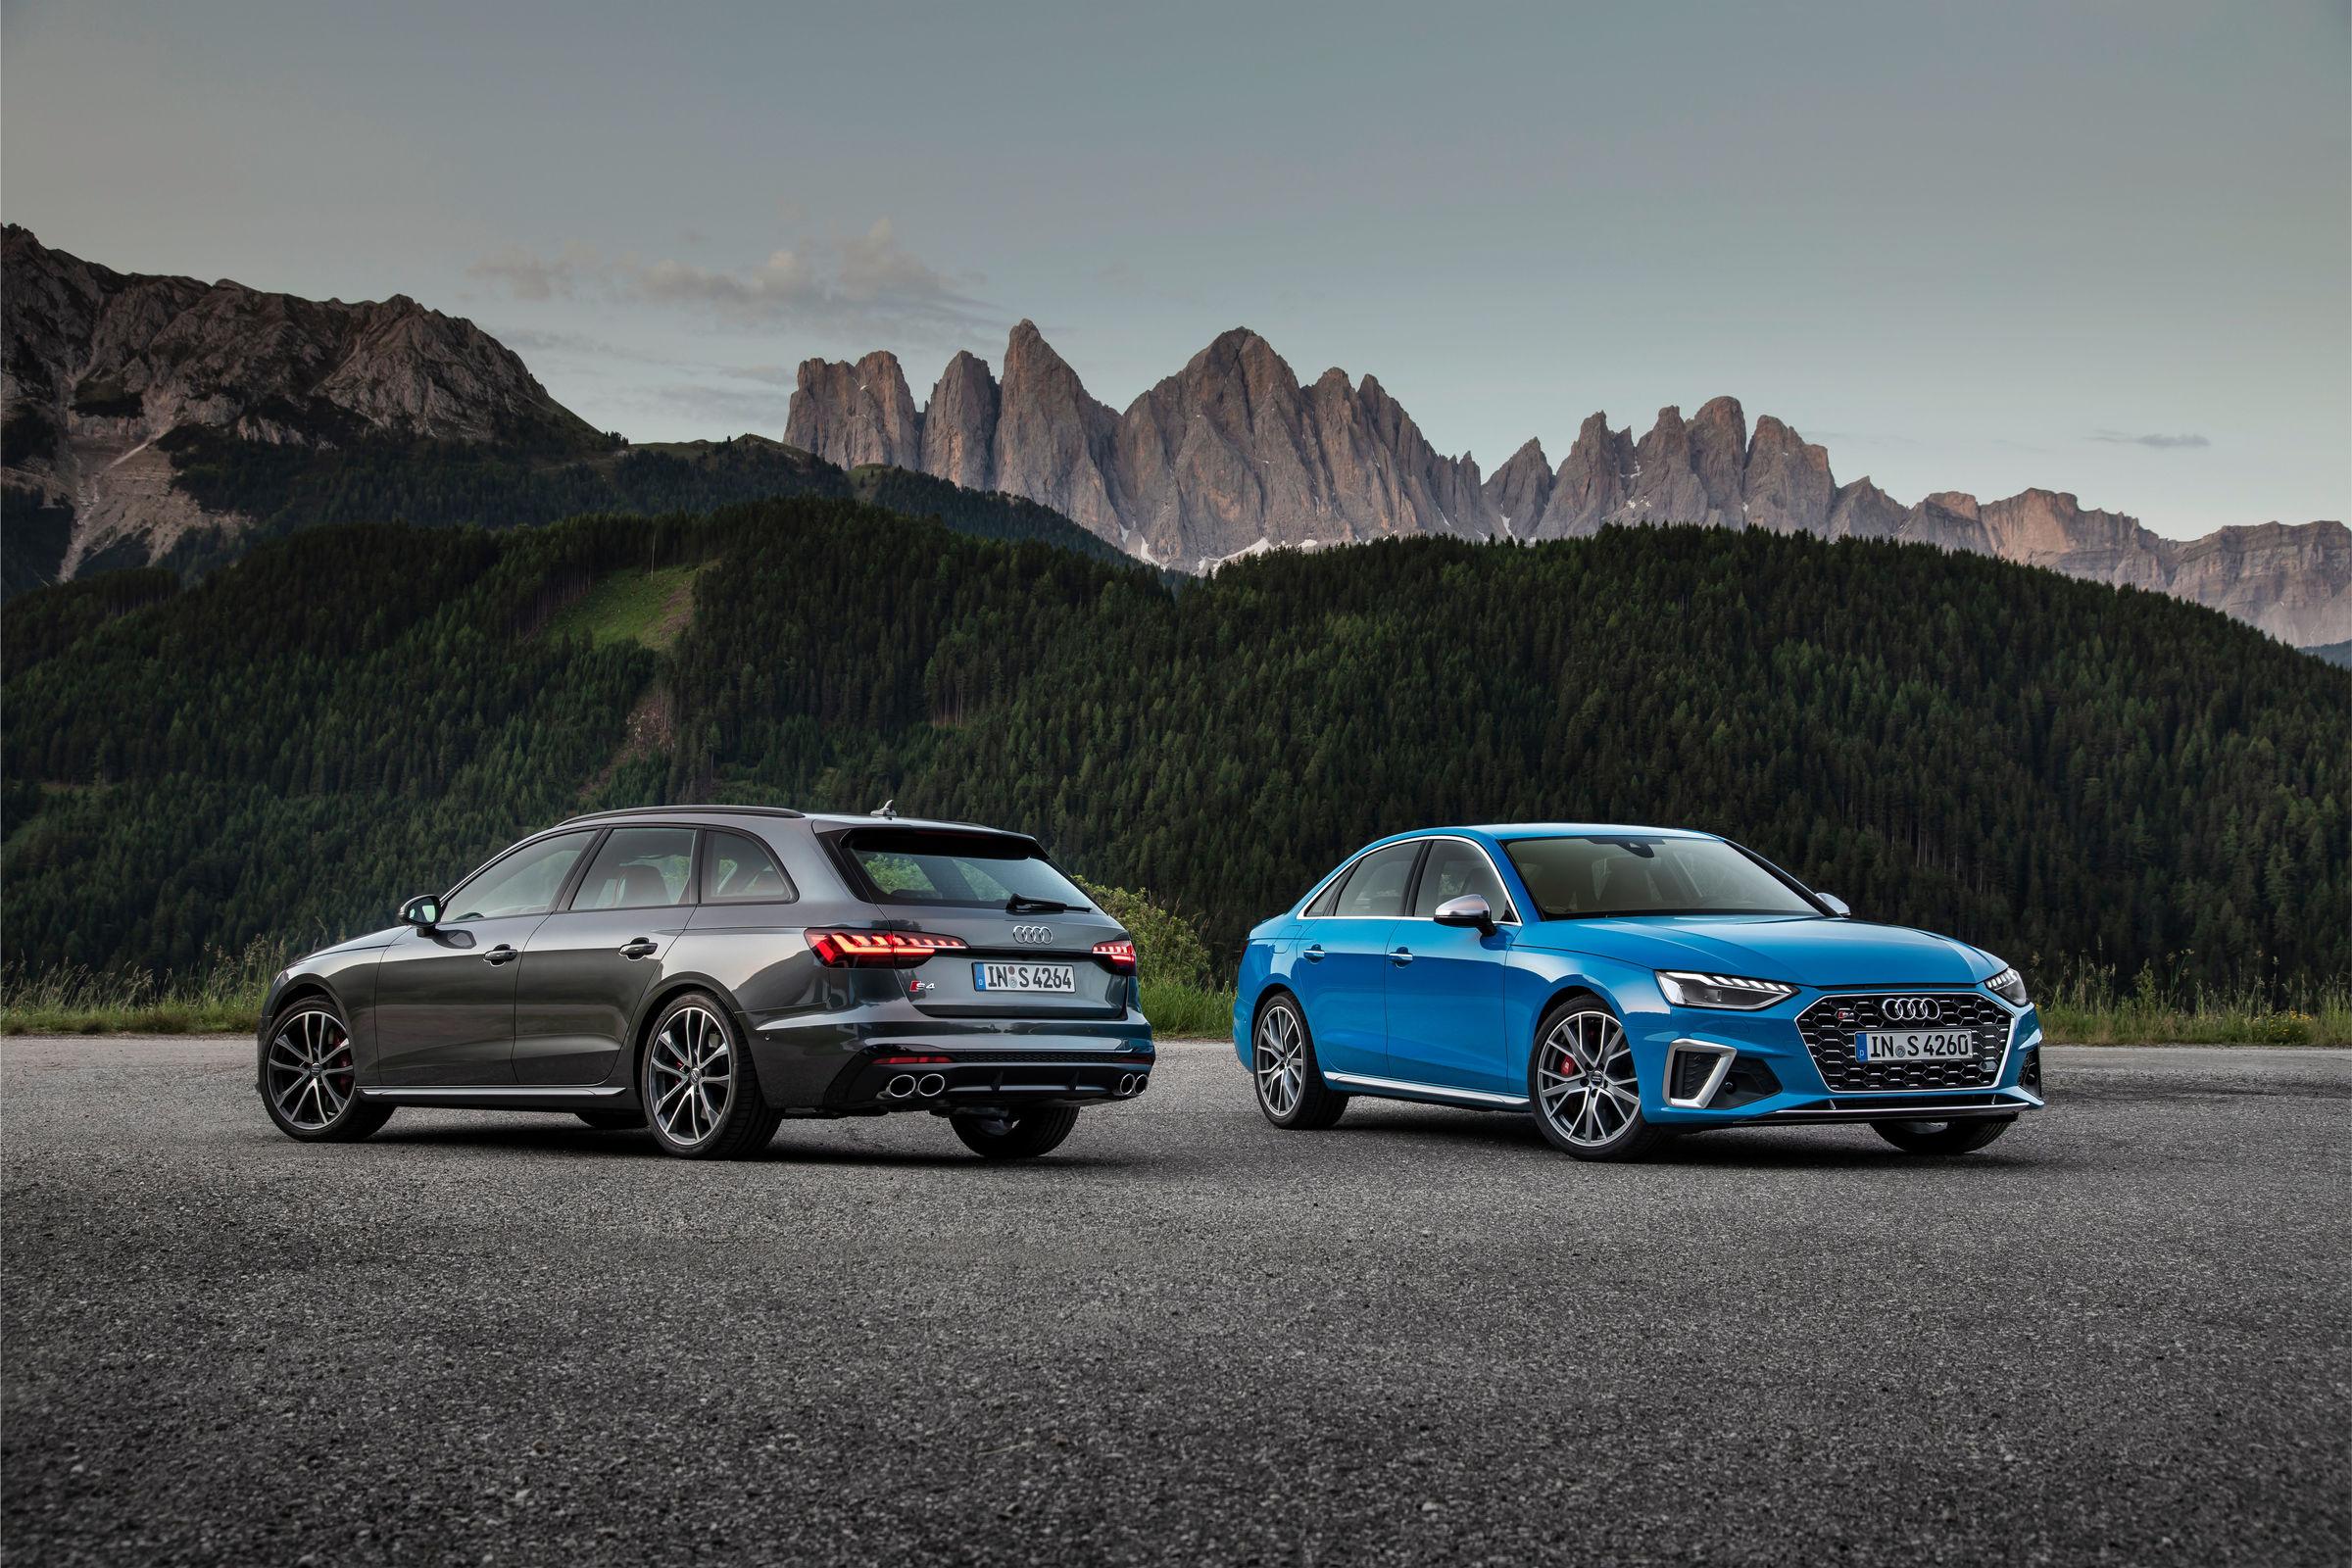 Audi S4 Avant TDI, Audi S4 Sedan TDI